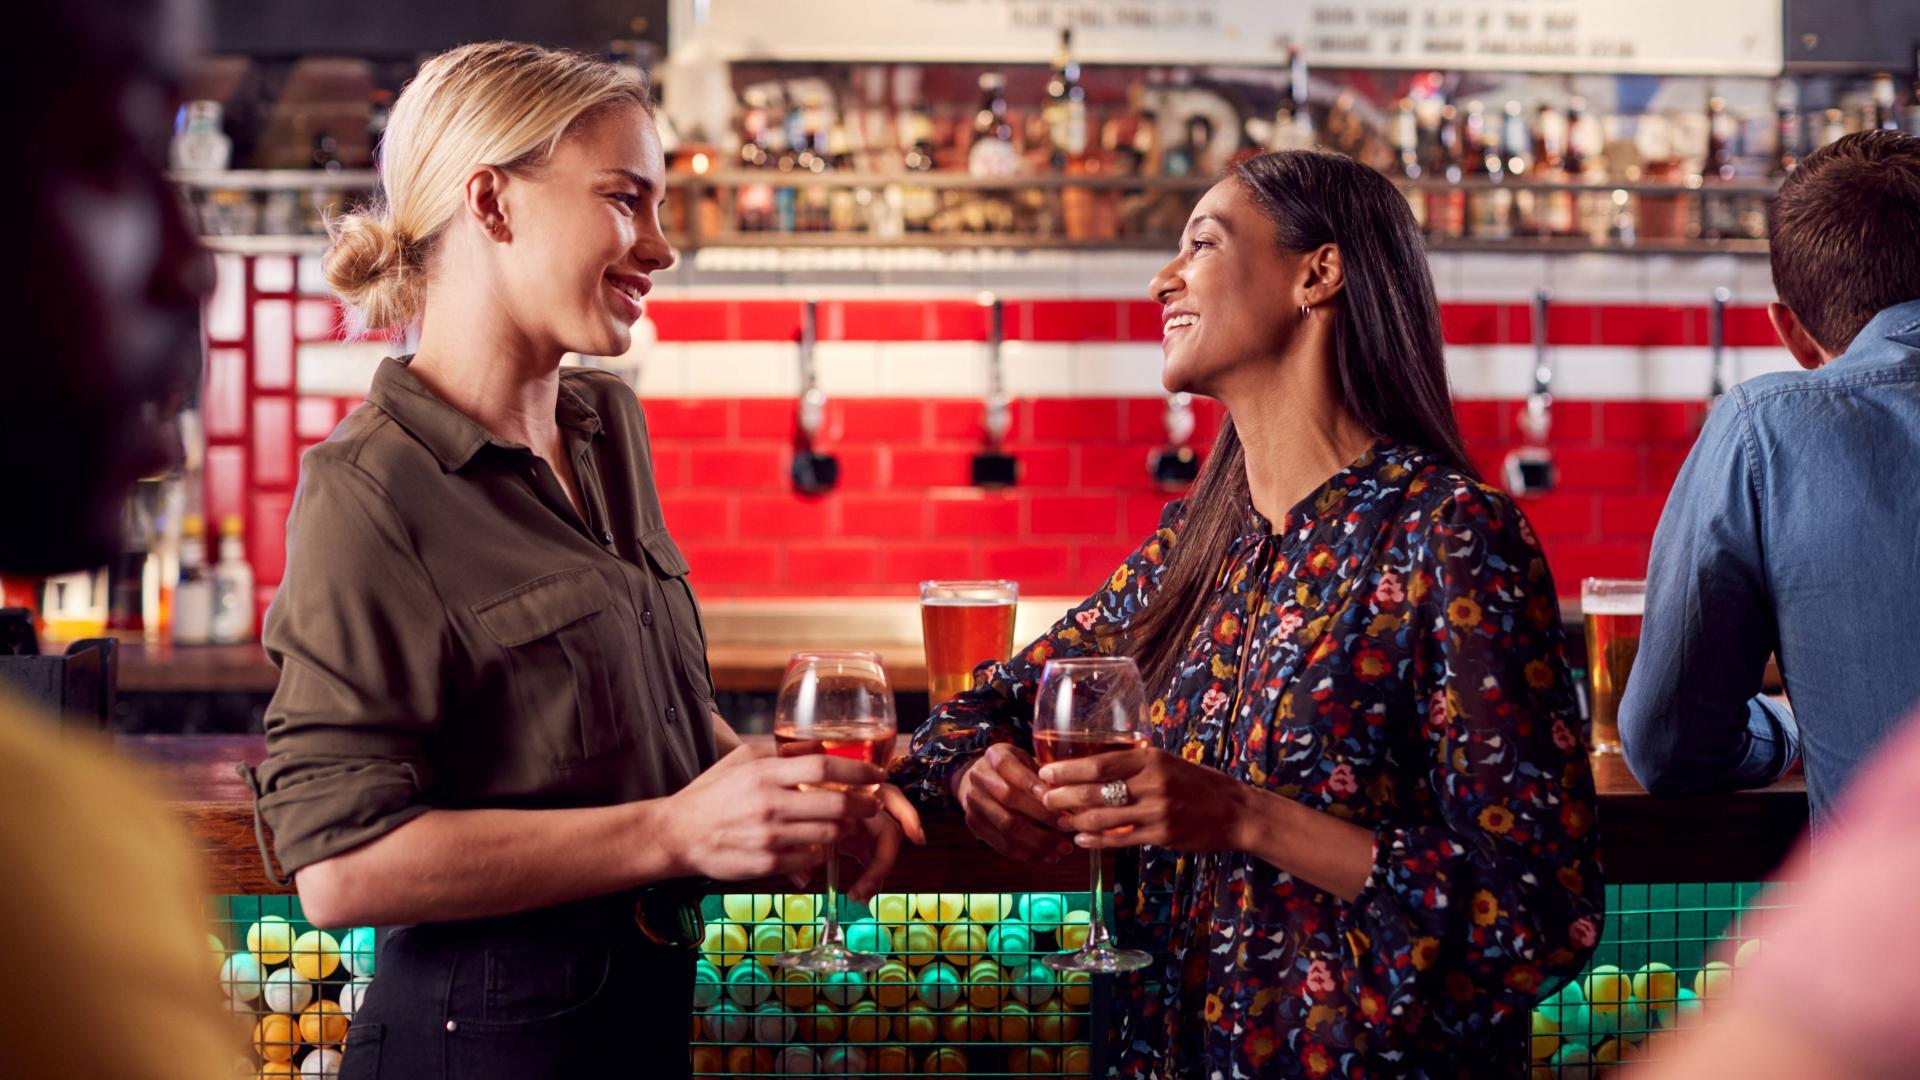 Getränke, Bar, Freundinnen, Freizeitbeschäftigung, Entspannung, Spaß.